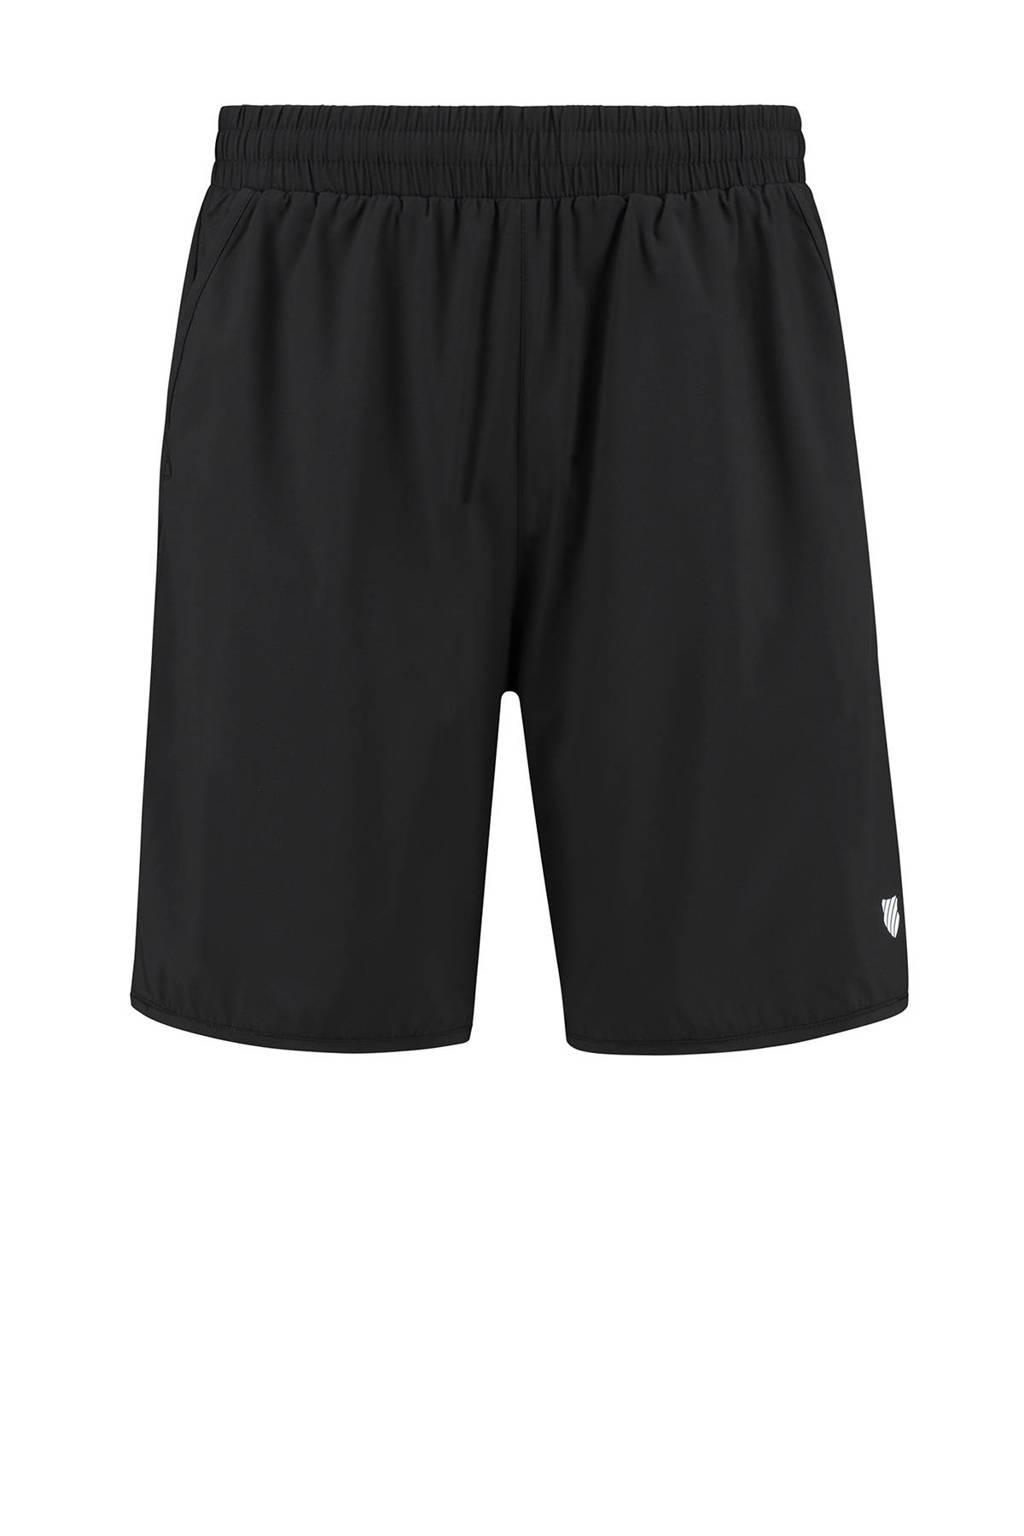 K-Swiss   sportshort zwart, Zwart